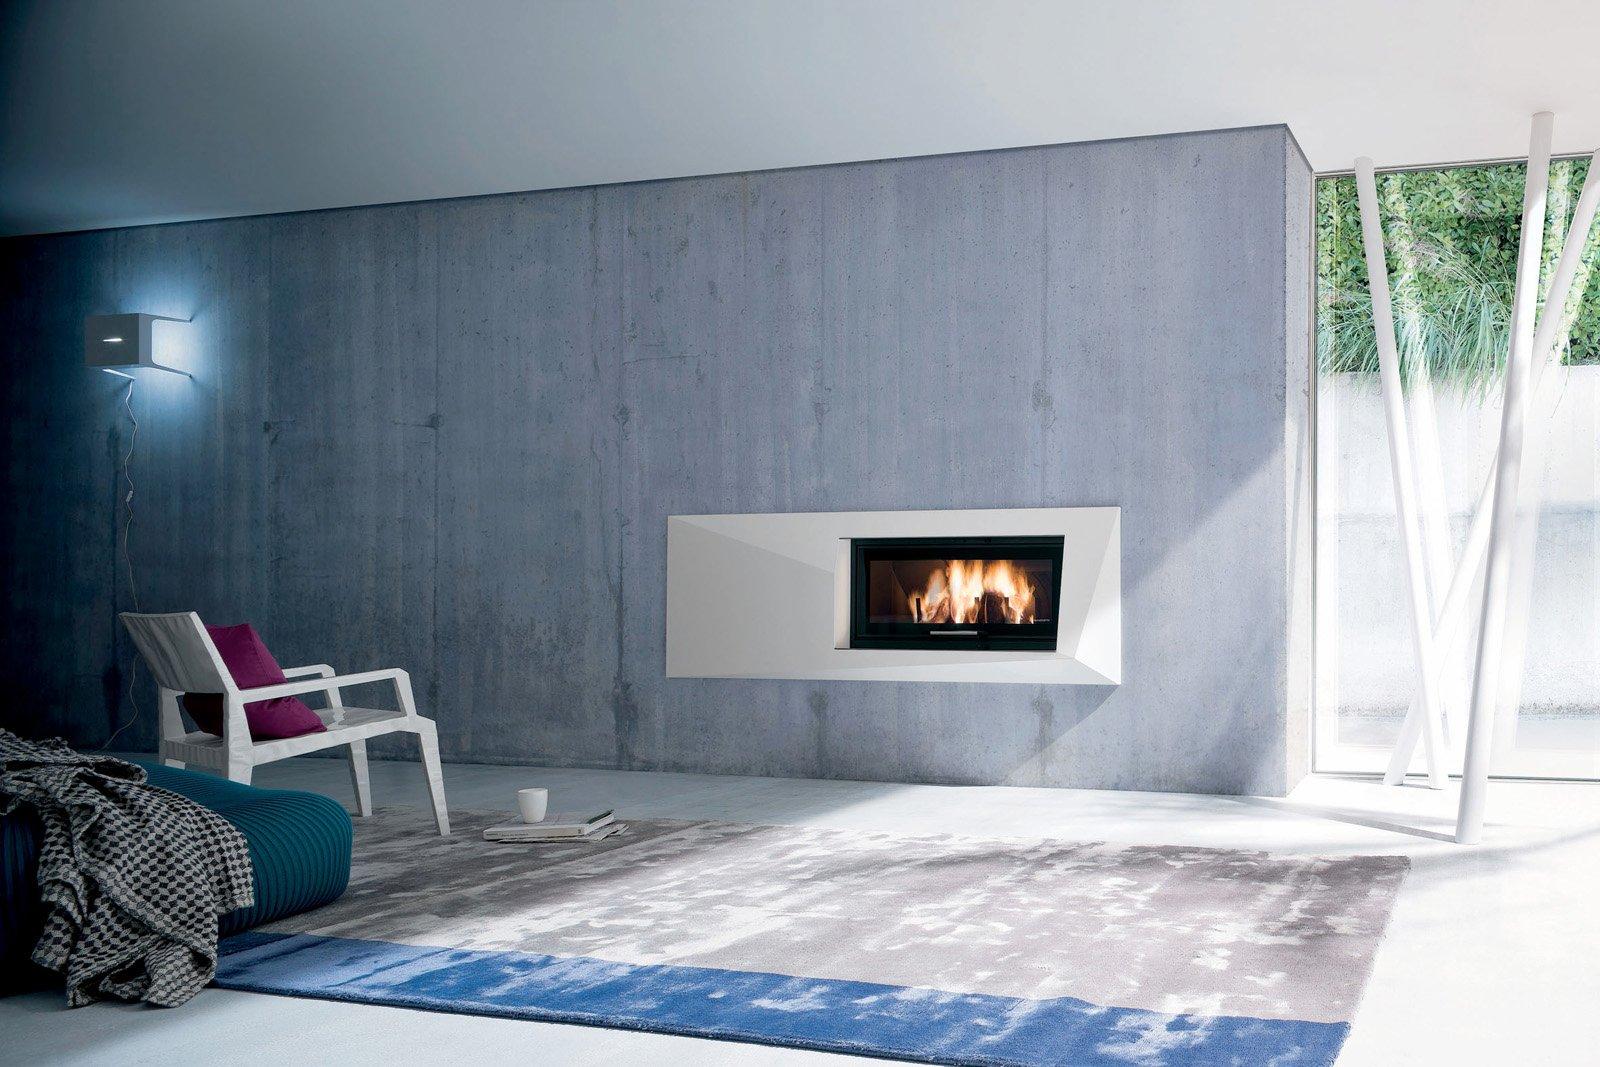 Camino marmo bianco prezzi: vecchio caminetto in marmo bianco di ...